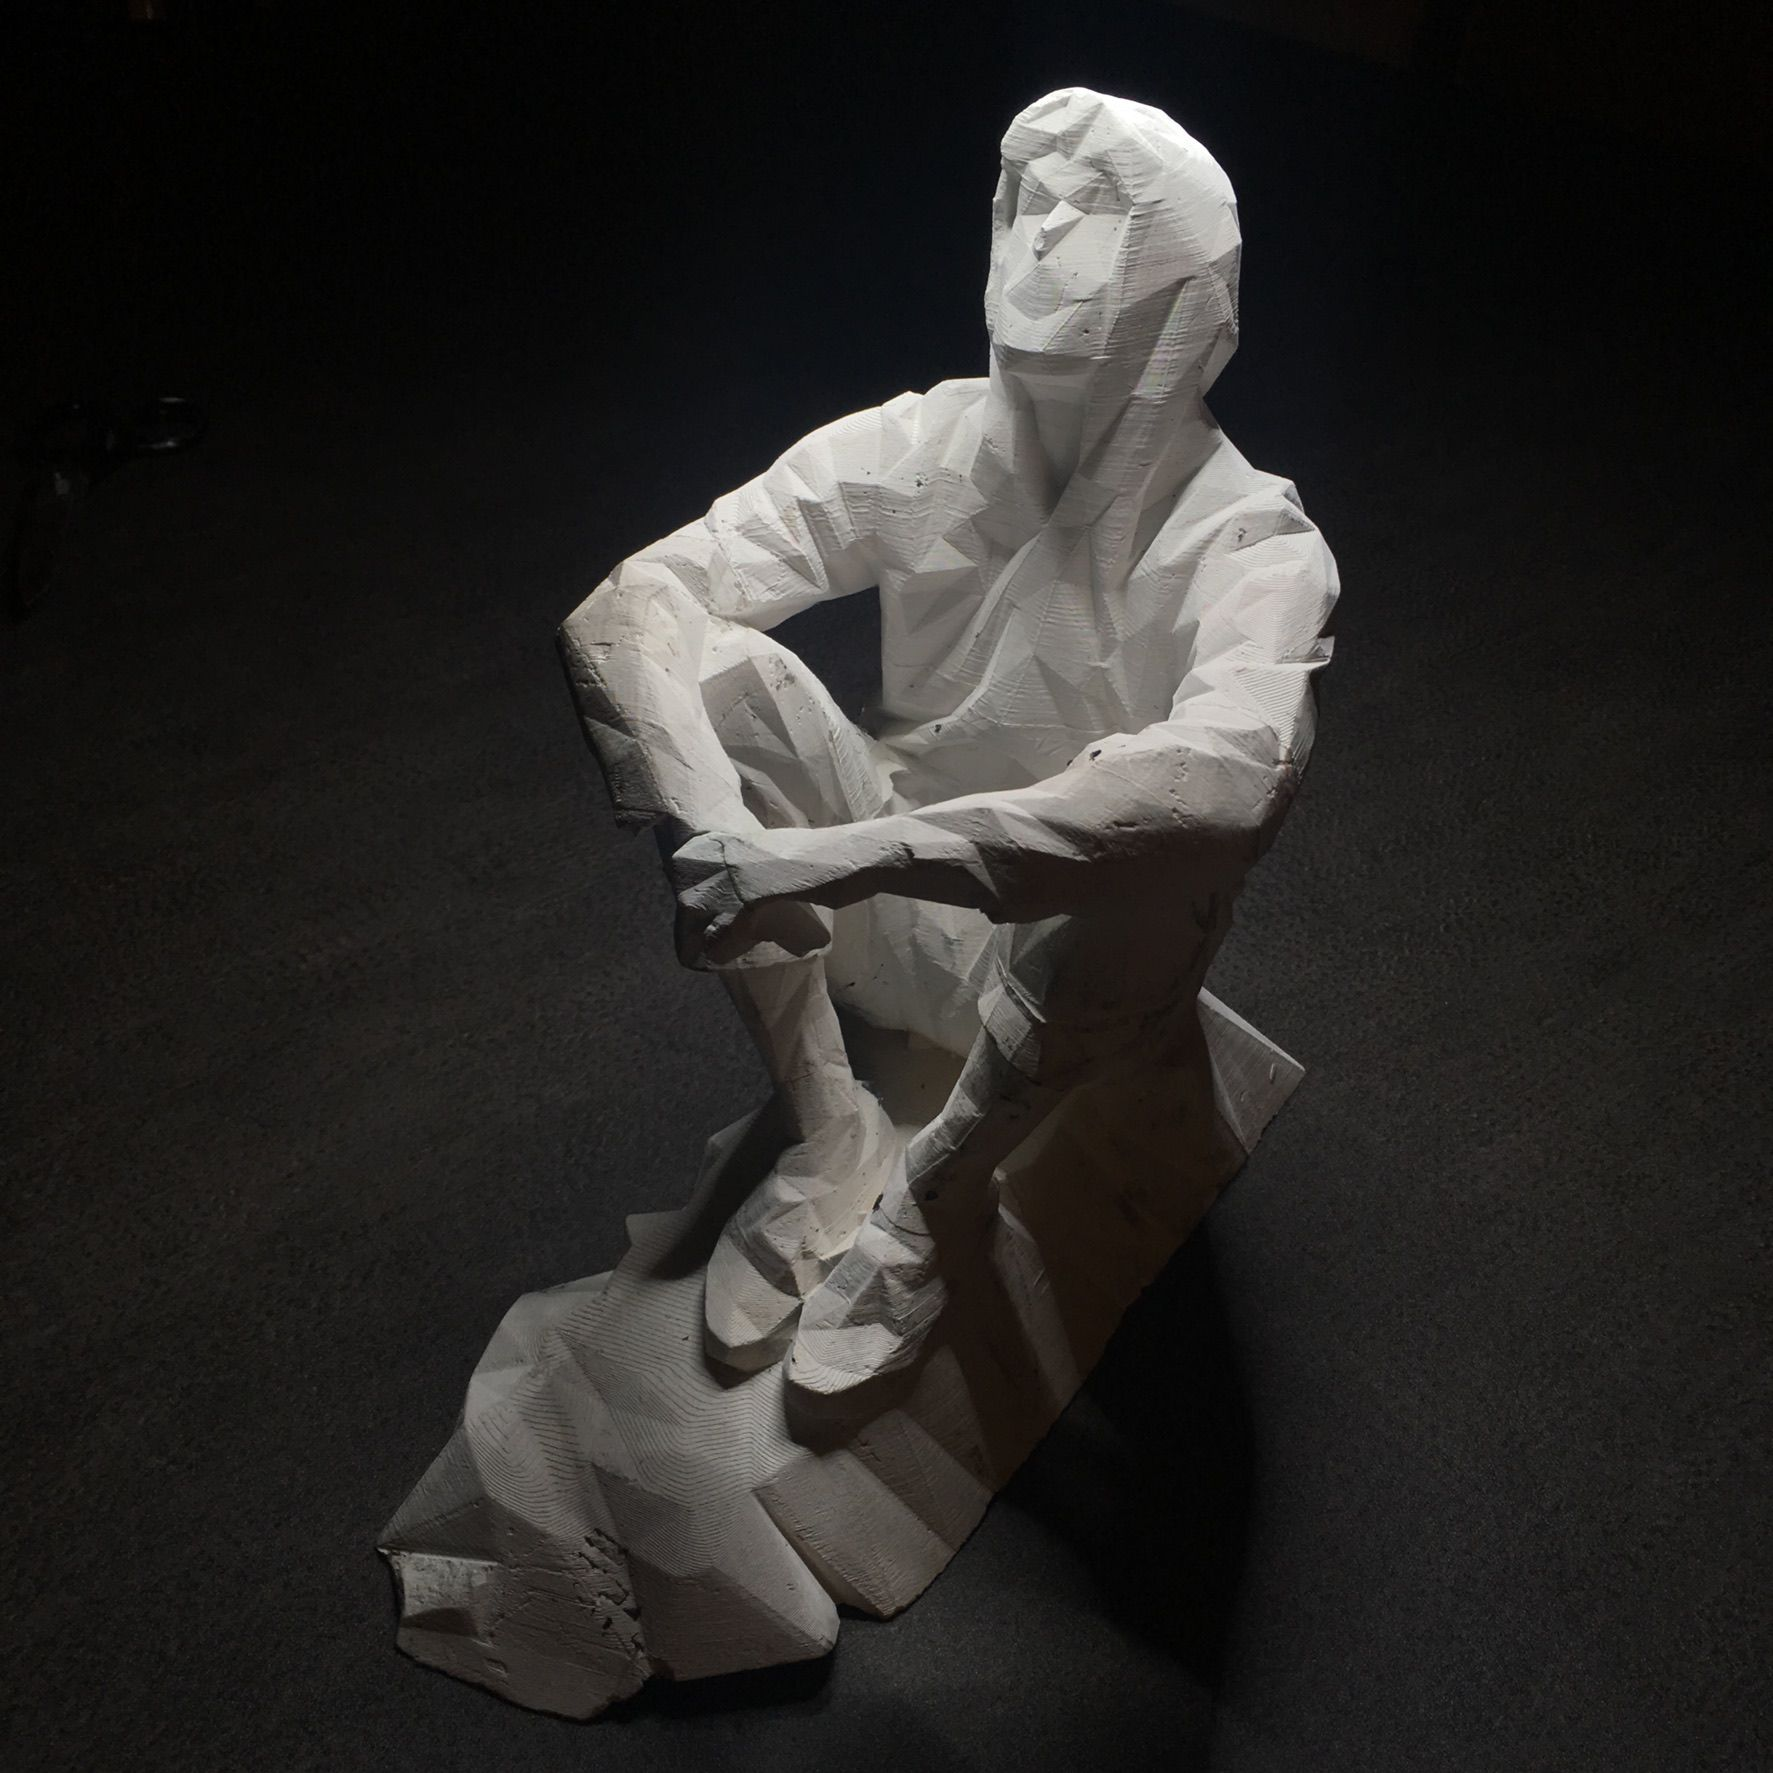 Épinglé par Hashtag D-philippot sur #NoWood | Art, Statue et Greek